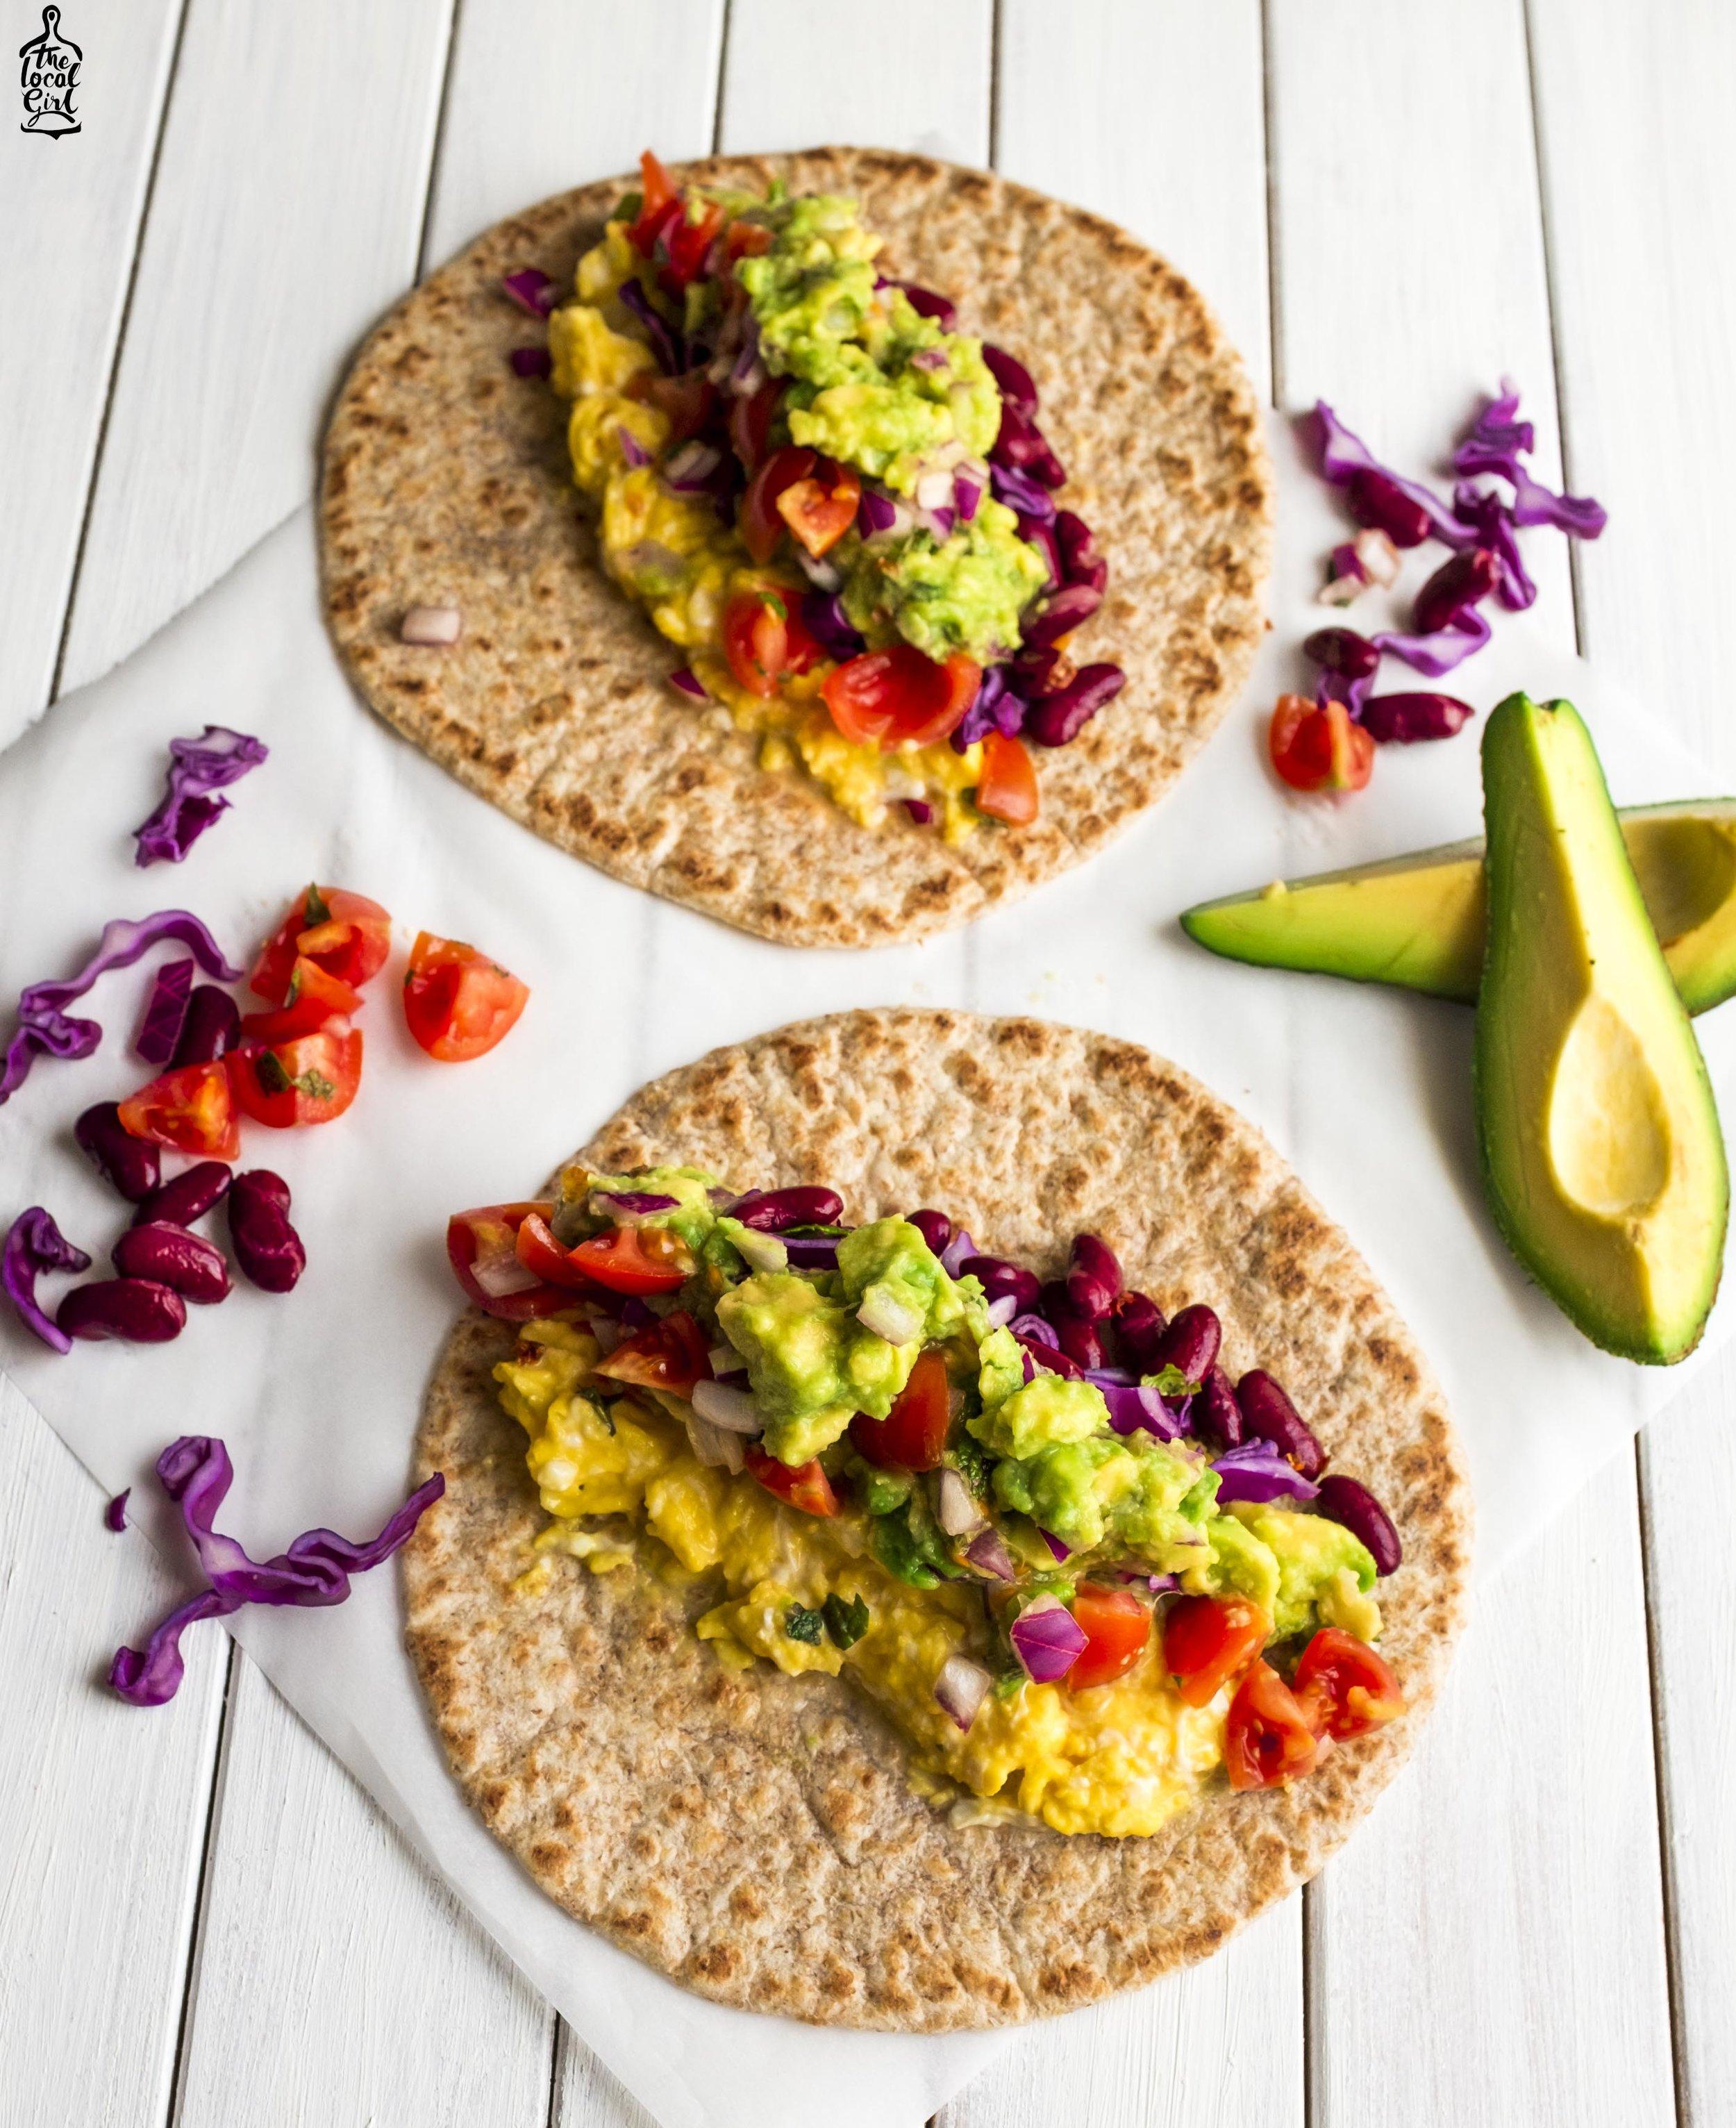 huevos ranches burrito